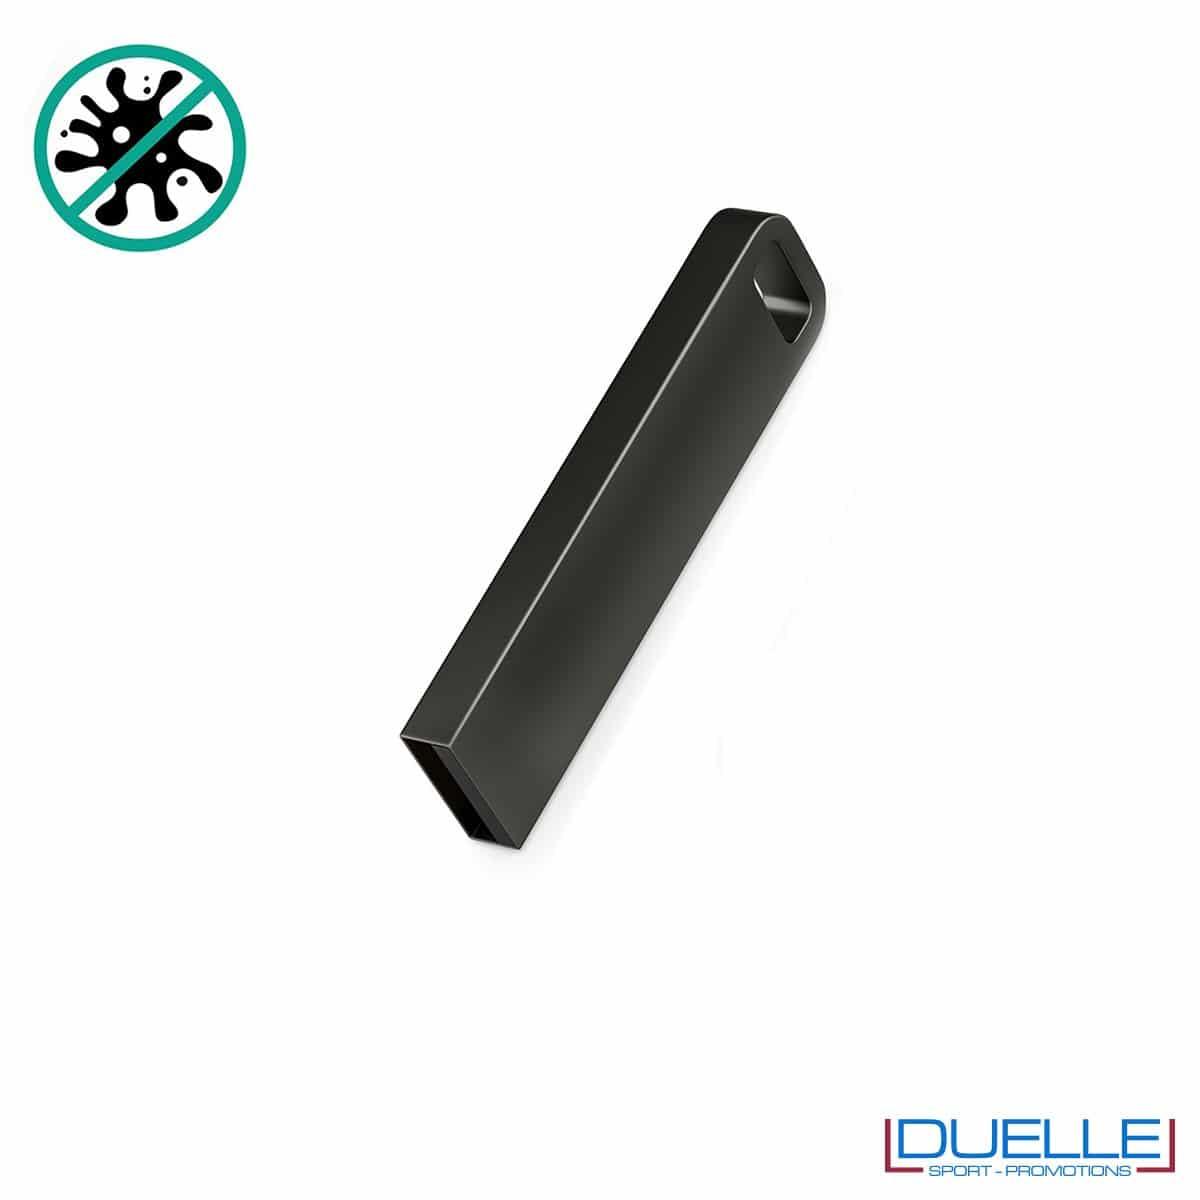 Chiavetta USB personalizzata antibatterica